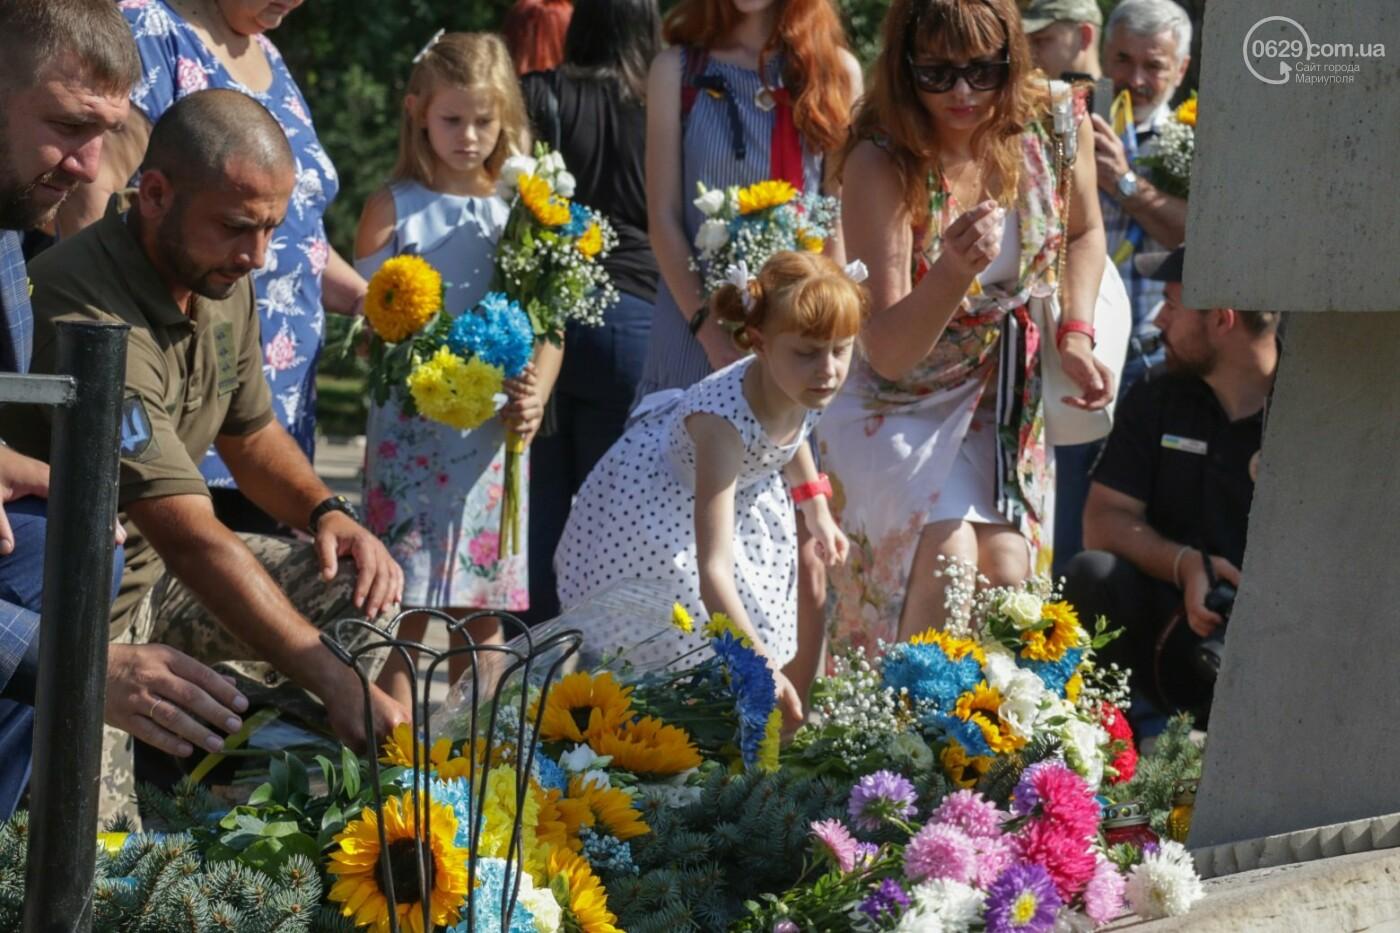 Общенациональная минута молчания. Как в Мариуполе почтили память защитников Украины, - ФОТОРЕПОРТАЖ, фото-5